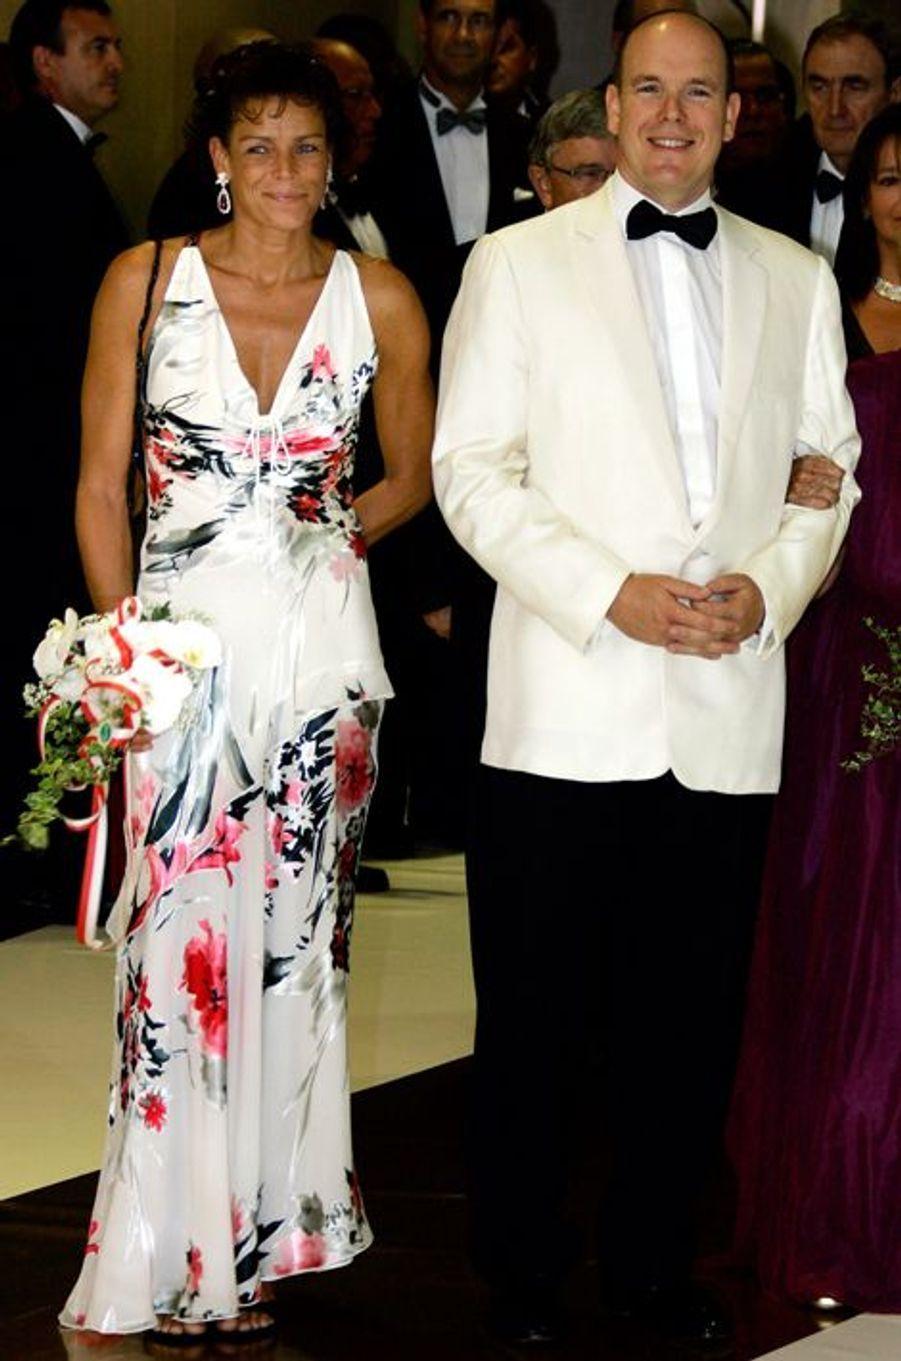 La princesse Stéphanie de Monaco le 5 août 2005, avec le prince Albert